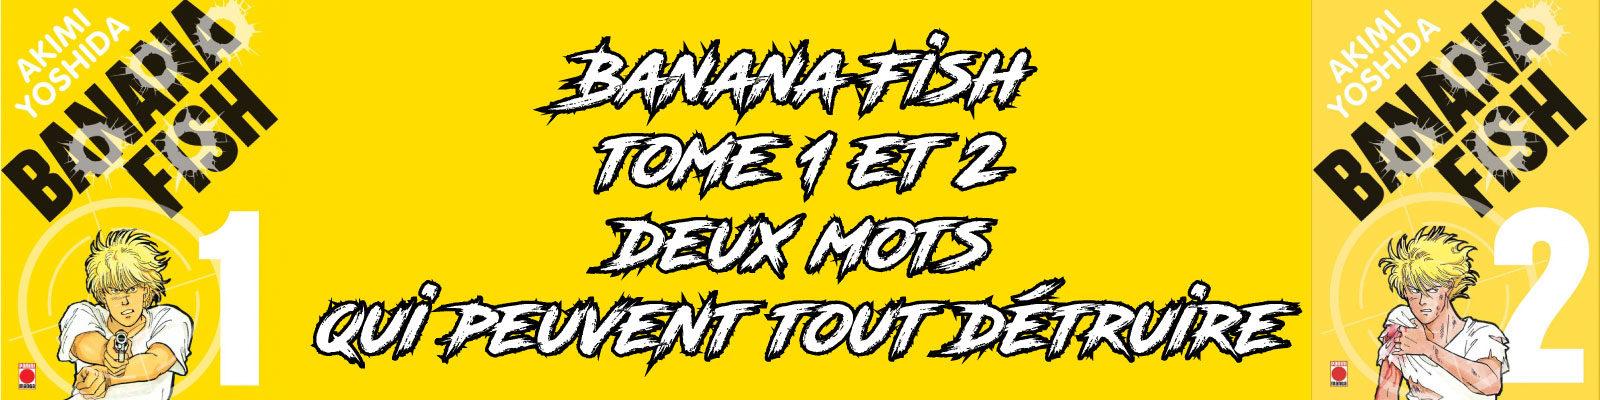 Banana Fish-1-1